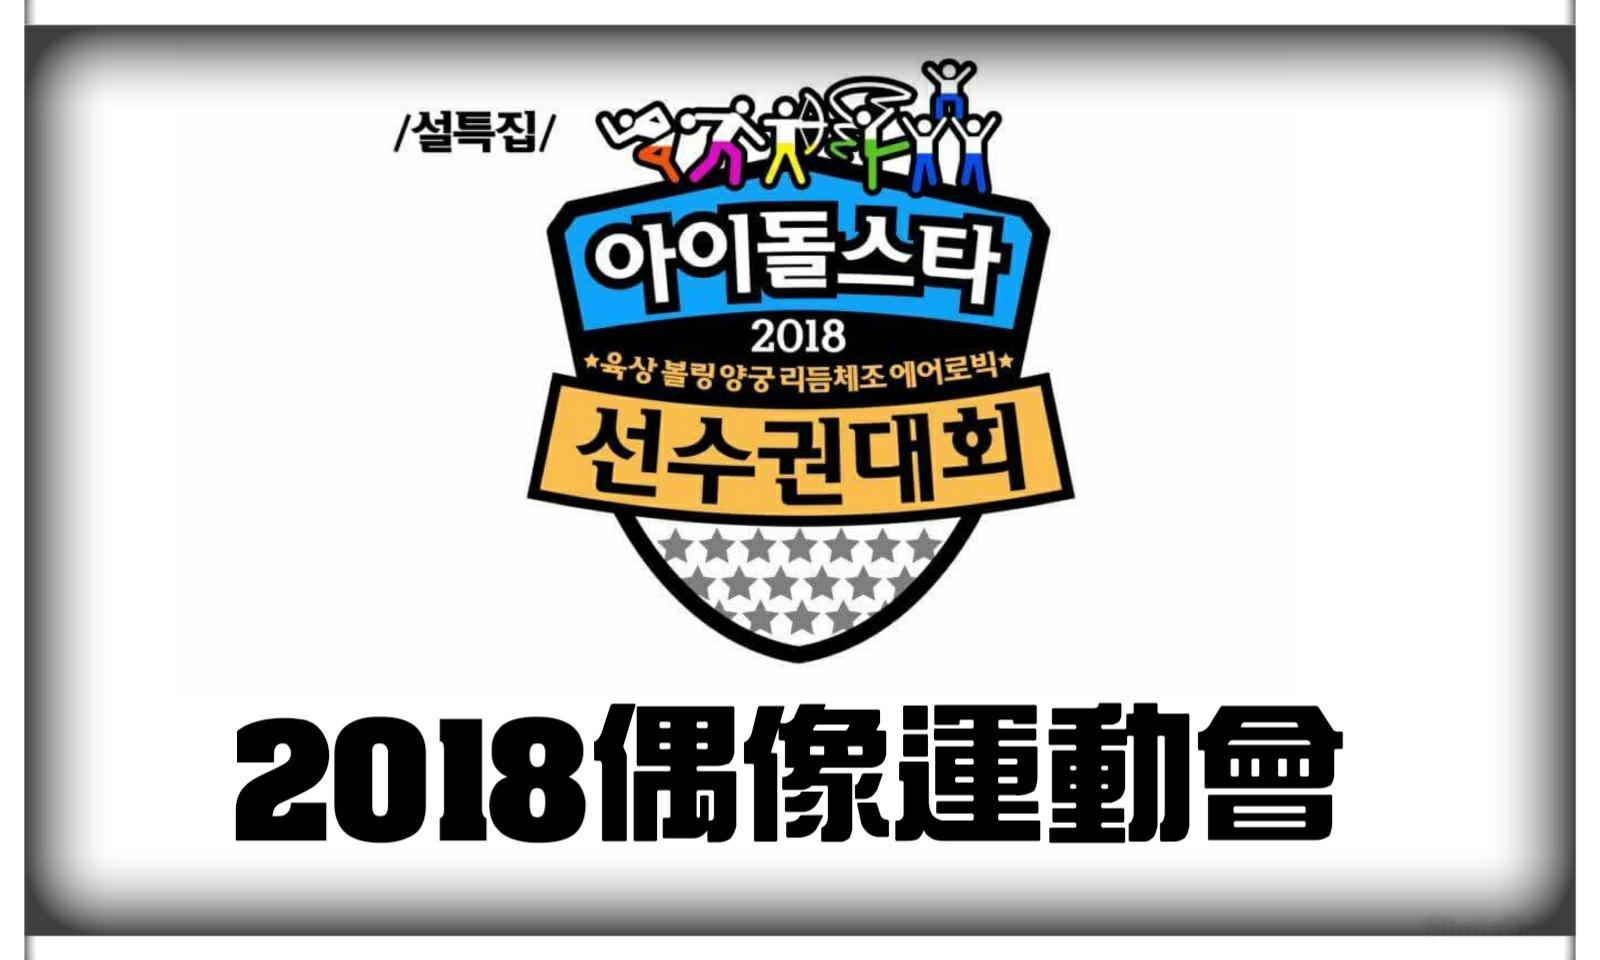 [韓流特輯] 偶像不只要會唱歌跳舞,還要具備十八般武藝阿~2018偶像運動會